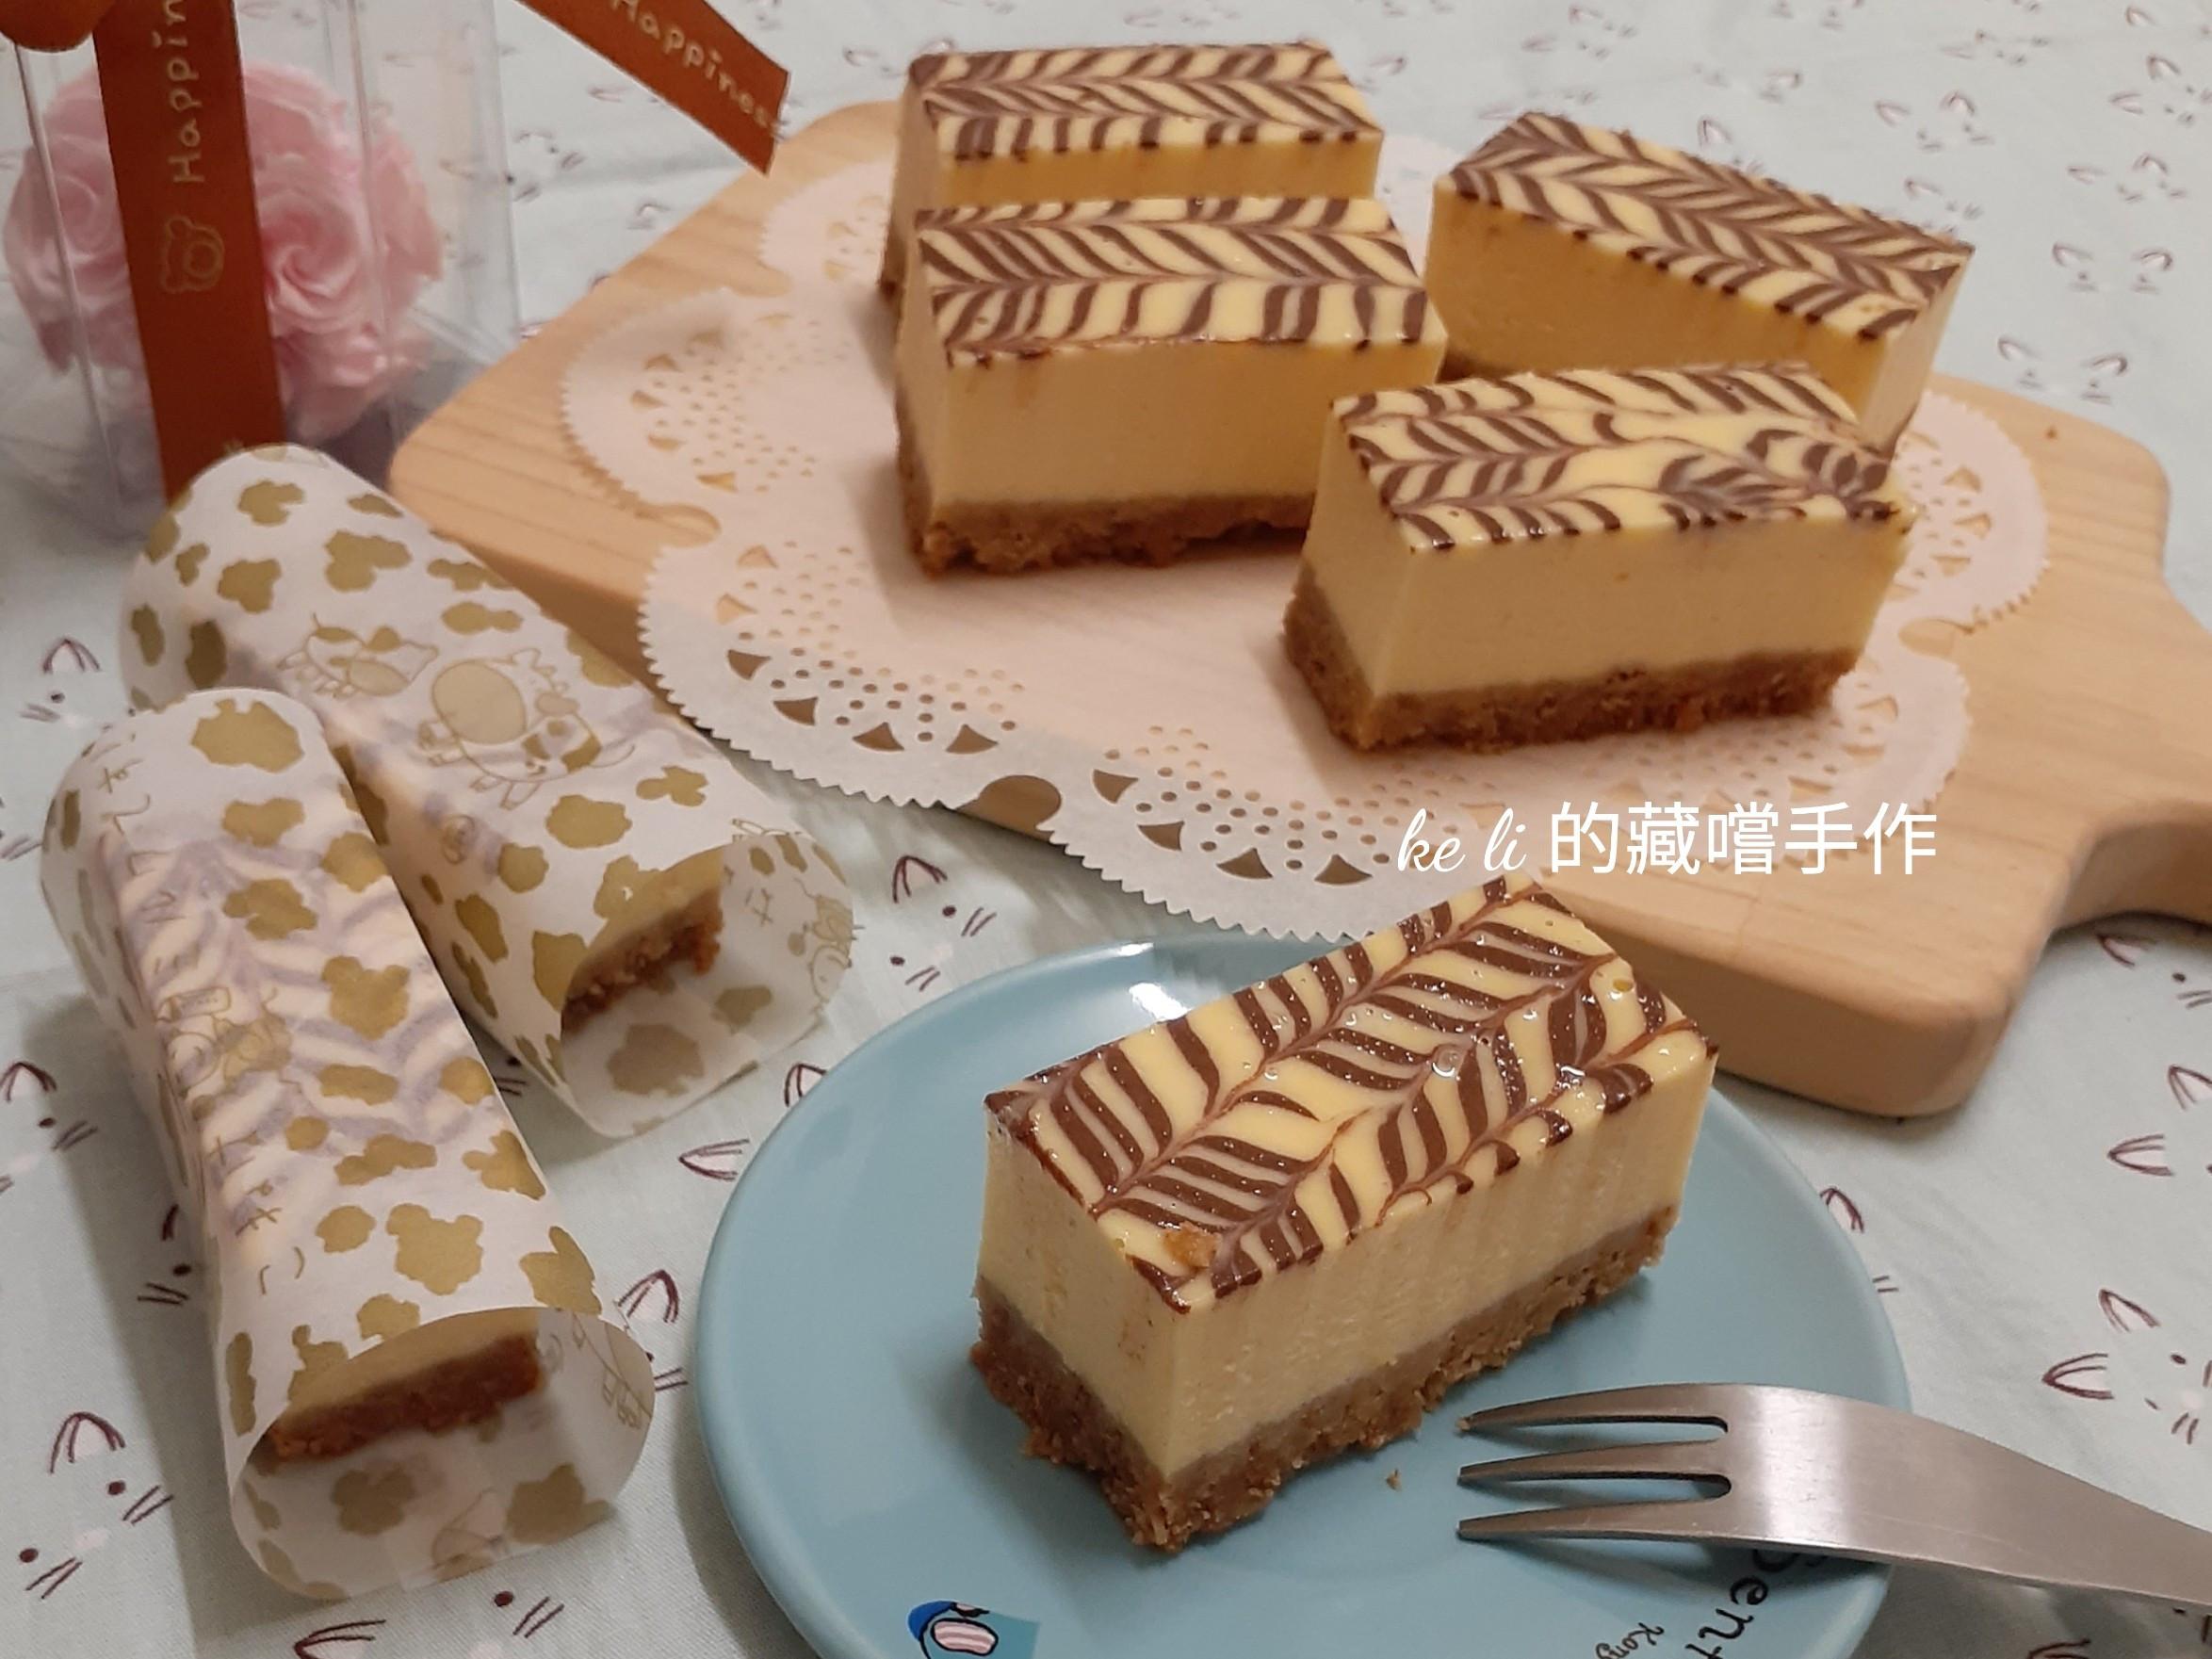 原味日式乳酪條(迷你版)